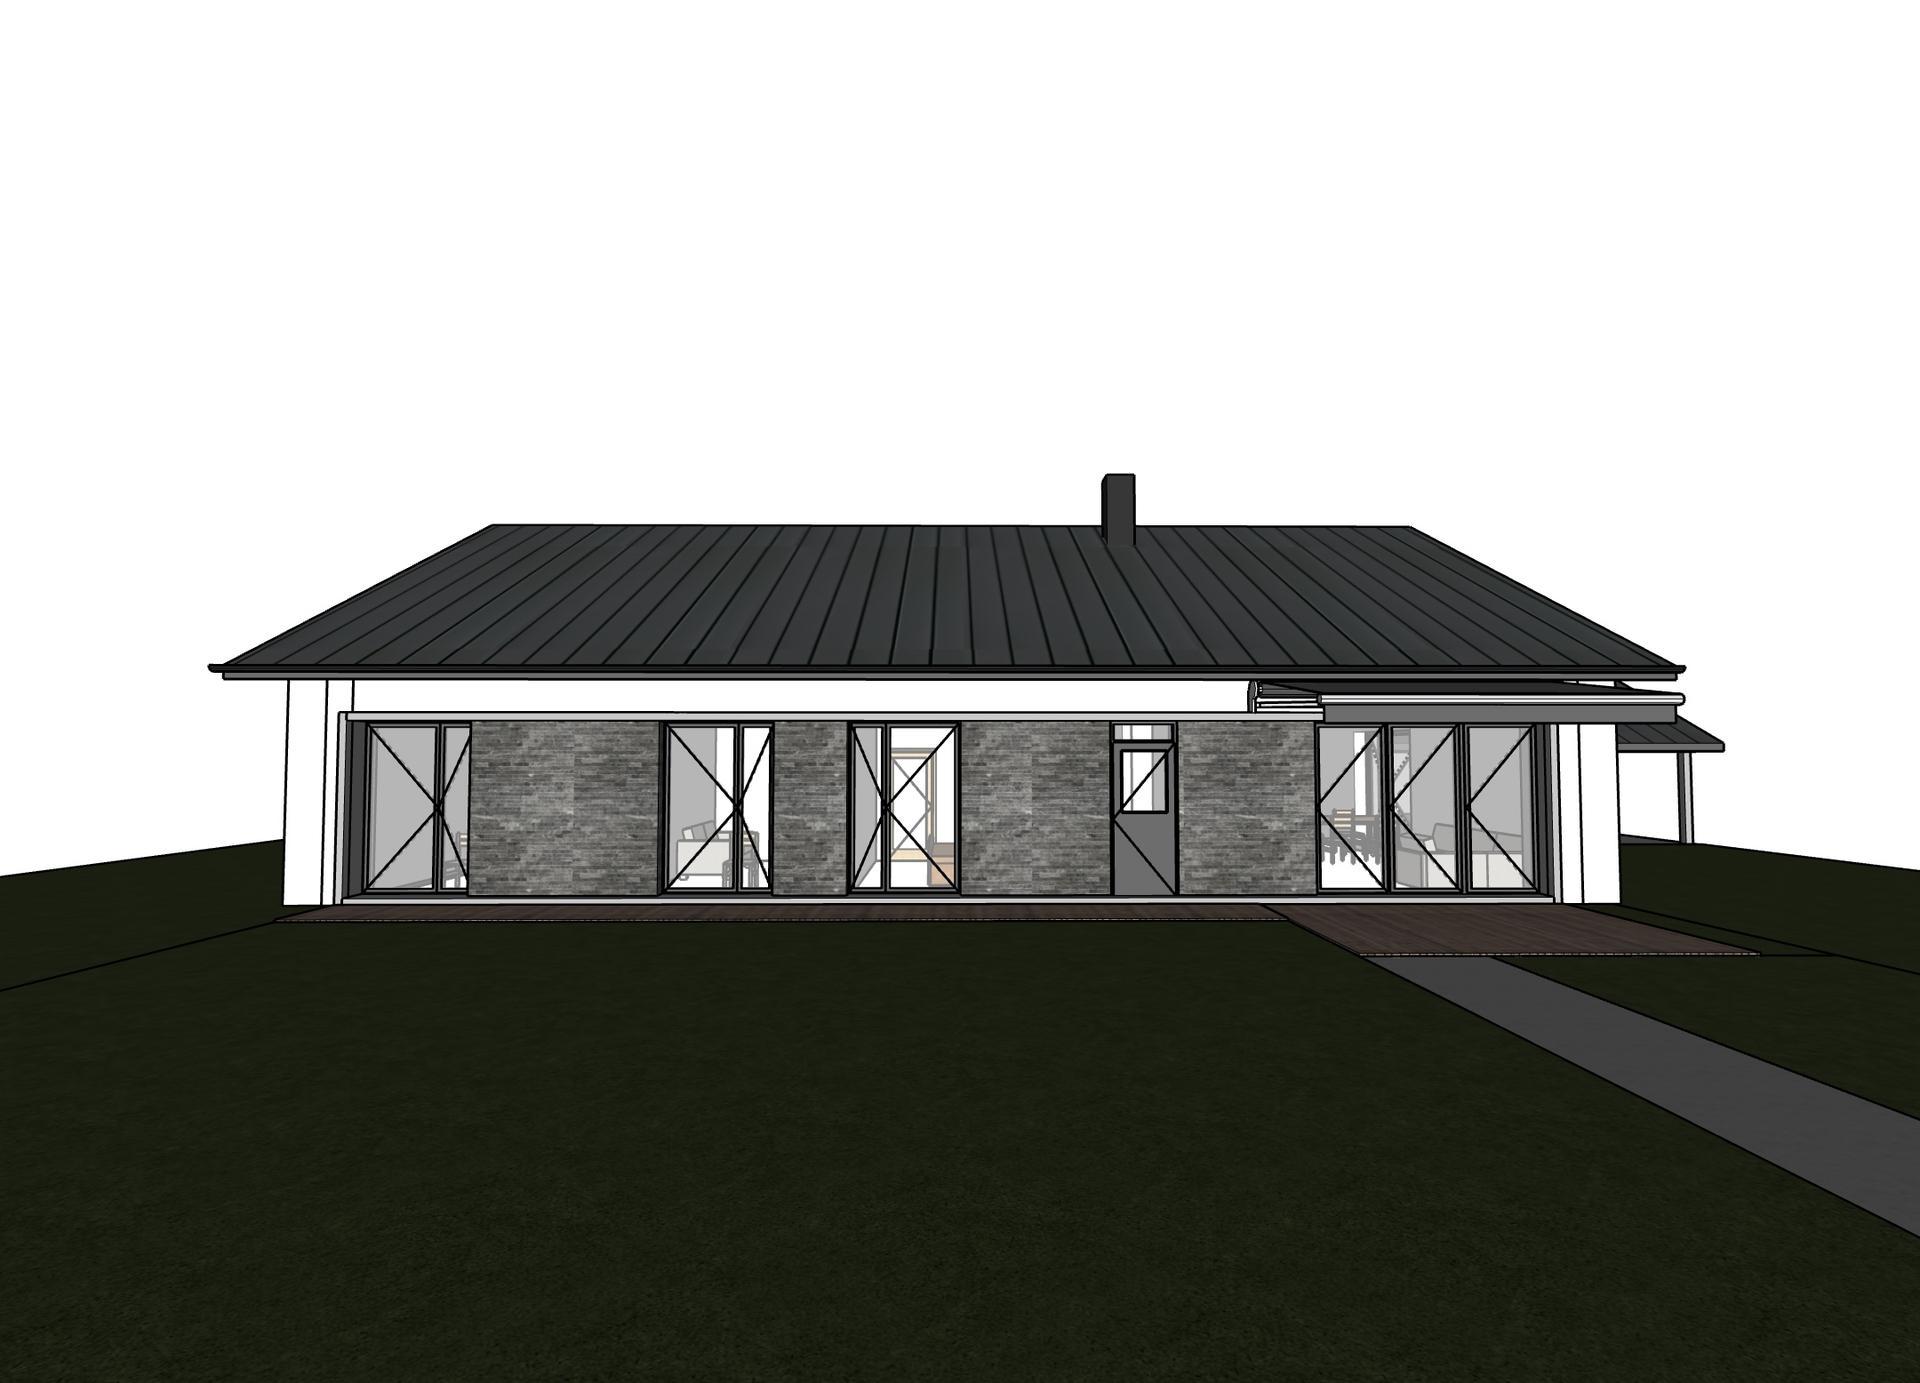 Začátek našeho vysněného bydlení🏡 - 3/4 - První 3D vizuál 🤗 Dveře budou plné.   Přemýšlíme zda ponechat francouzská okna i v dětském pokoji a pracovně (2 krajní okna zleva). Podle mě kdybychom tam dali klasické, tak to bude kazit celkový vzhled domu. Co myslíte?